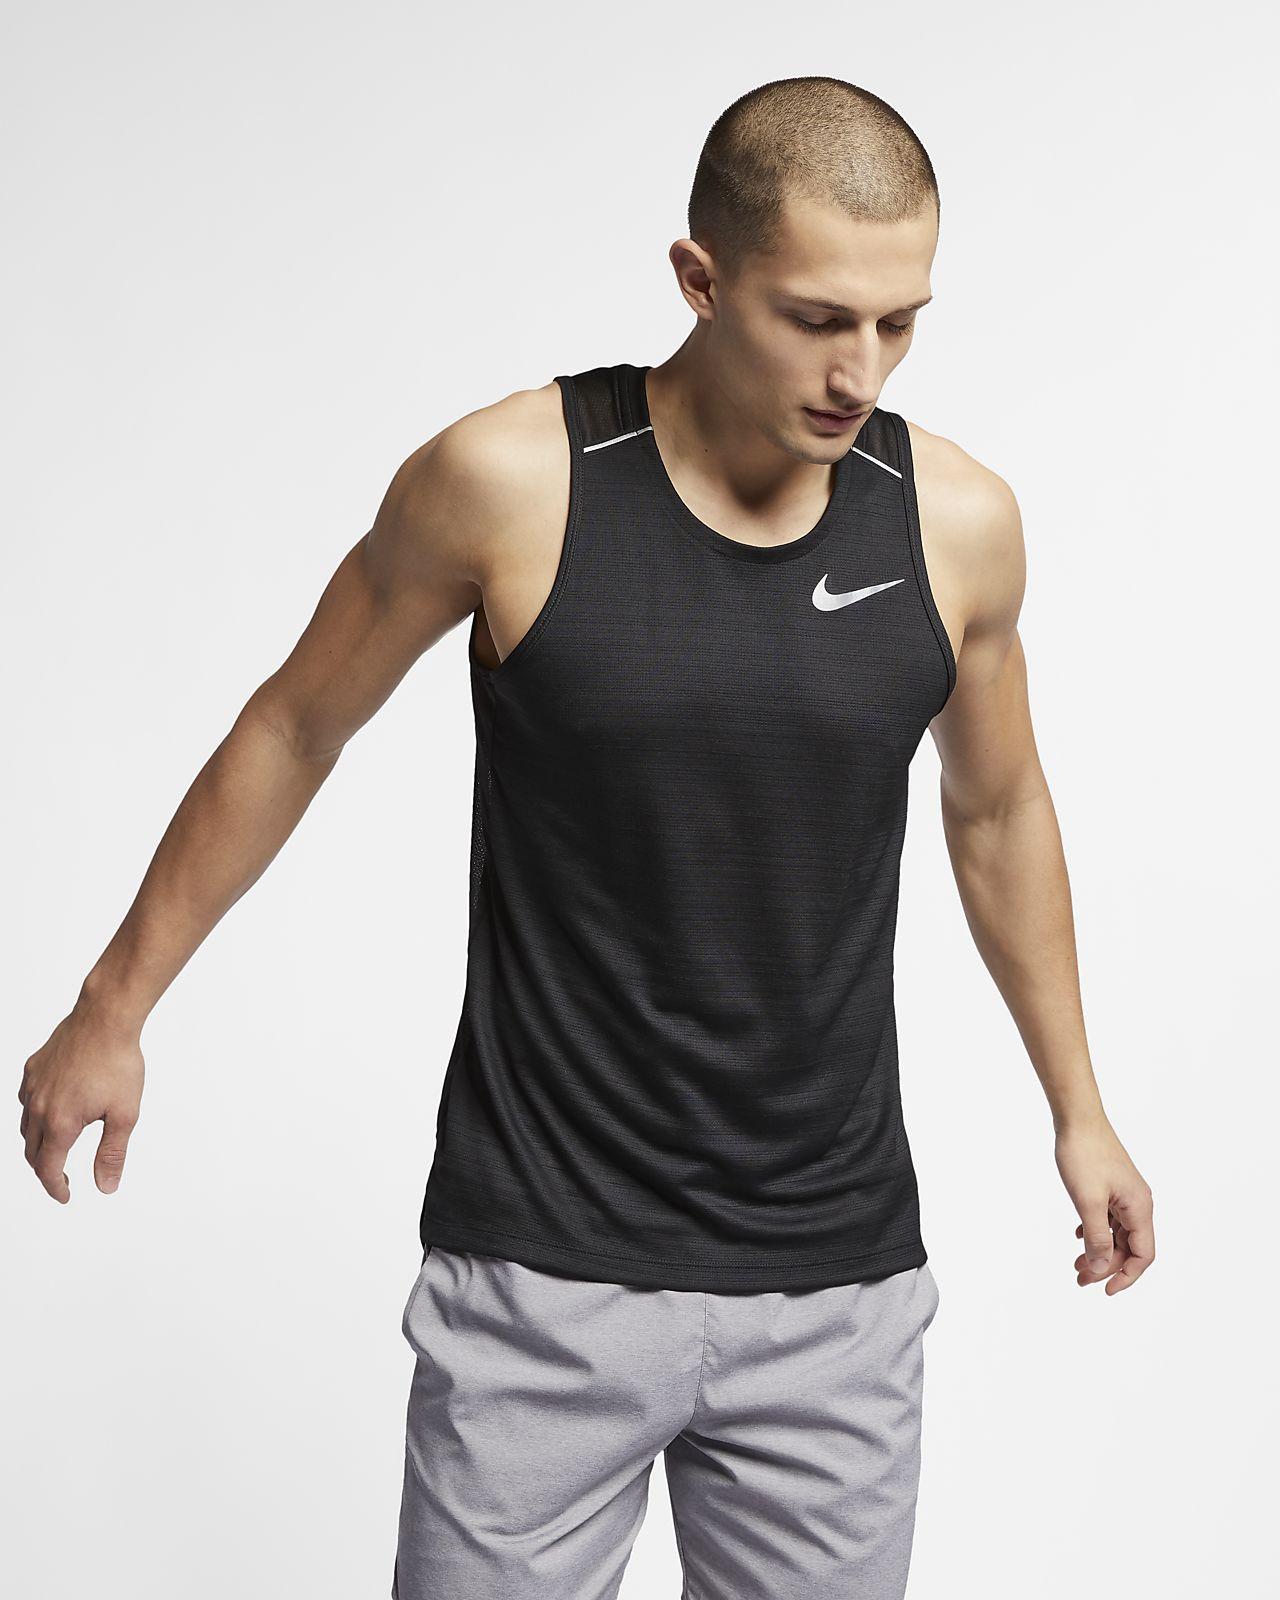 diseño popular venta de tienda outlet desigual en el rendimiento nike dri fit miler hombre camiseta de running gris br402aa2d ...